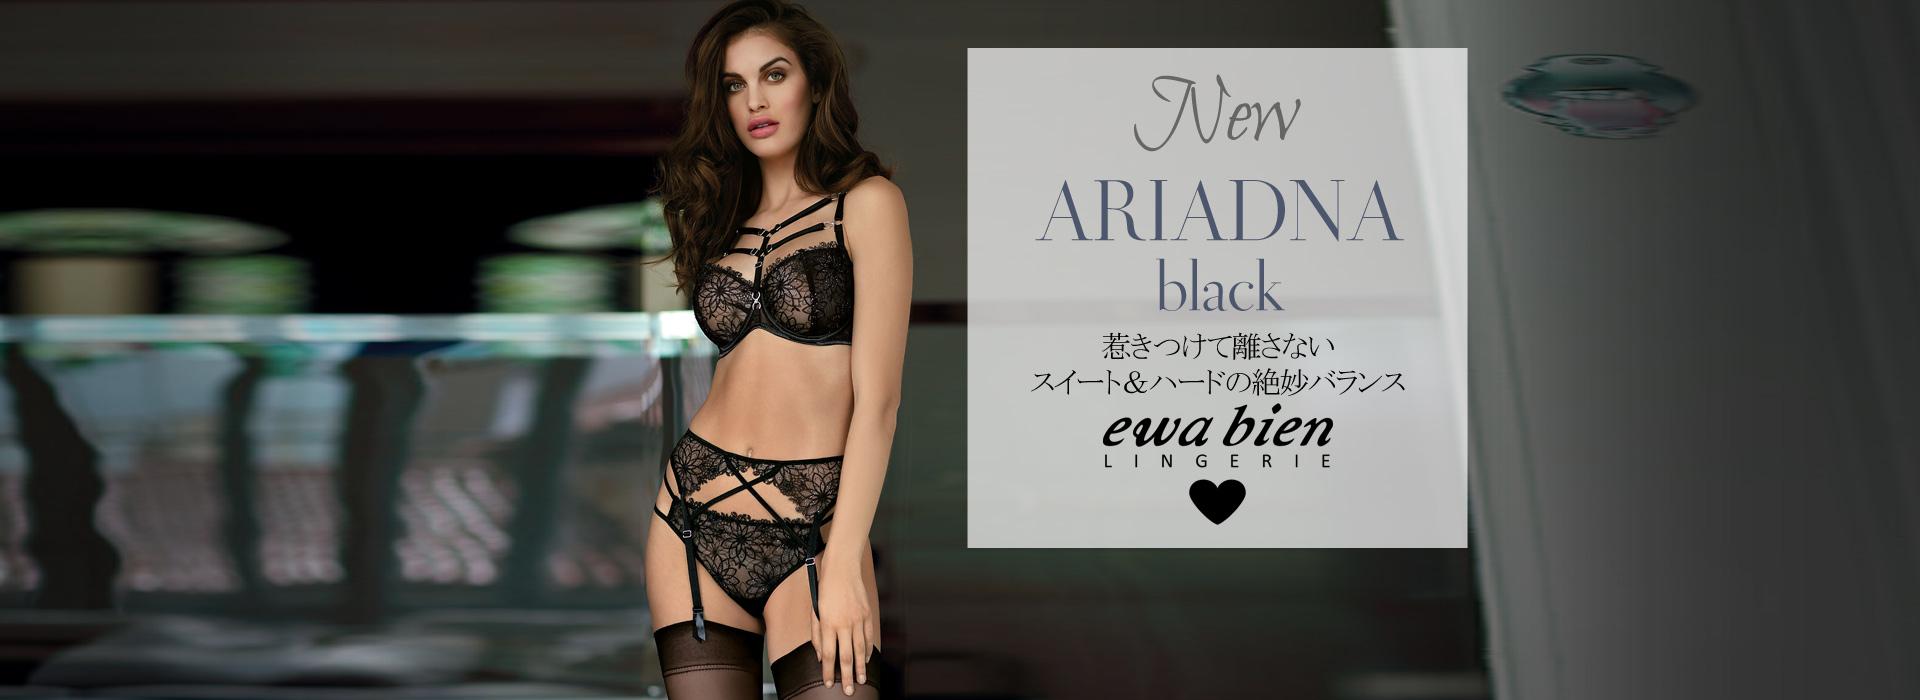 エヴァビアン2018AW ARIADNA black